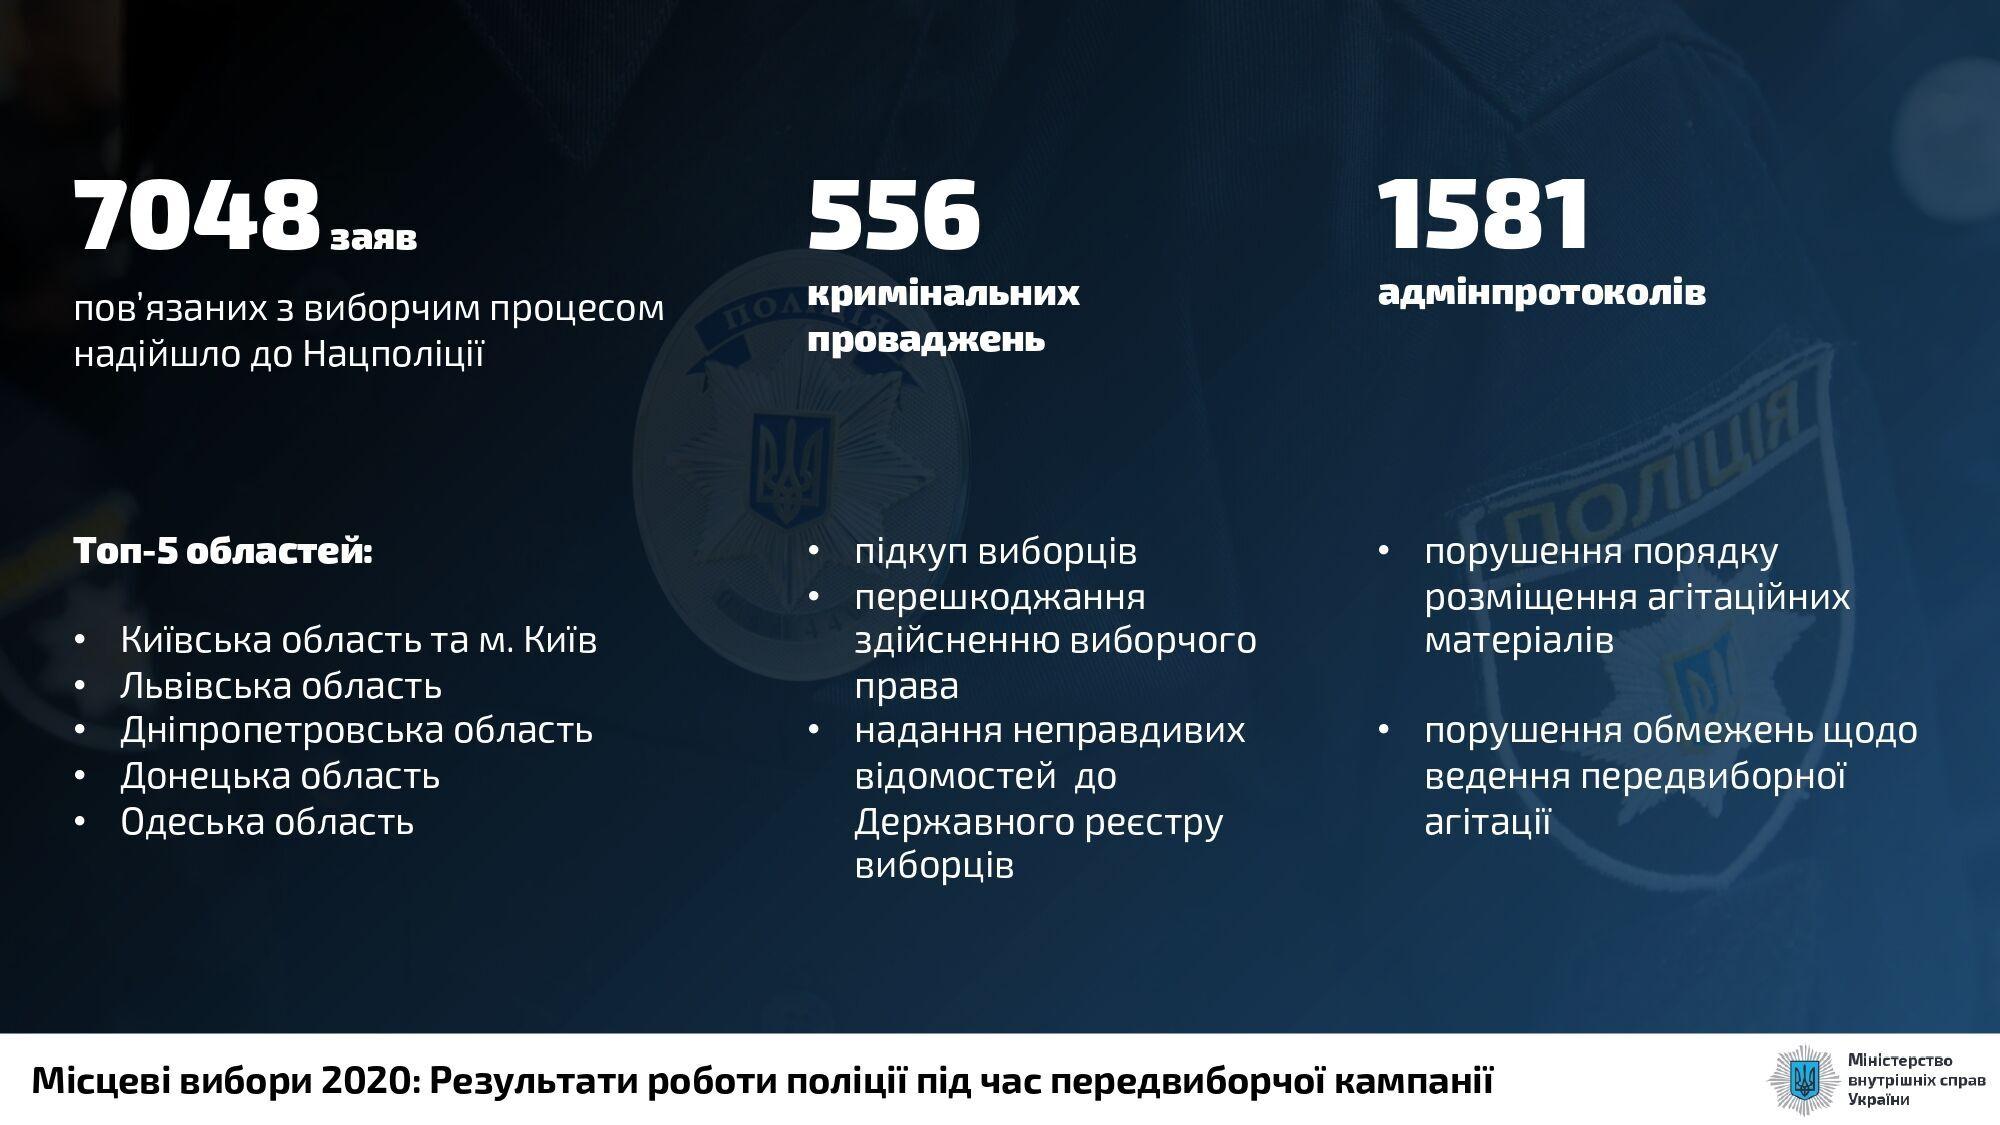 Аваков показав статистику масштабних порушень перед місцевими виборами в Україні